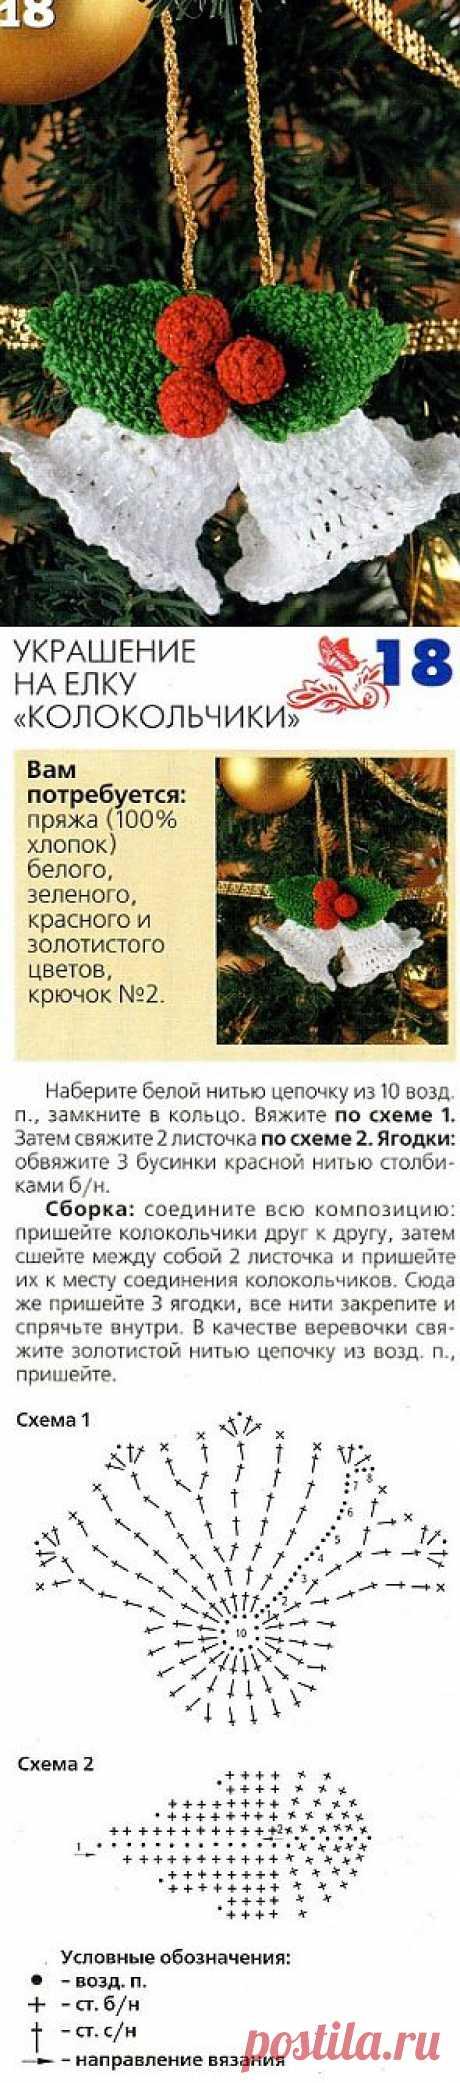 Колокольчик на елку крючком / новогодние подарки,поделки и костюмы / PassionForum - мастер-классы по рукоделию